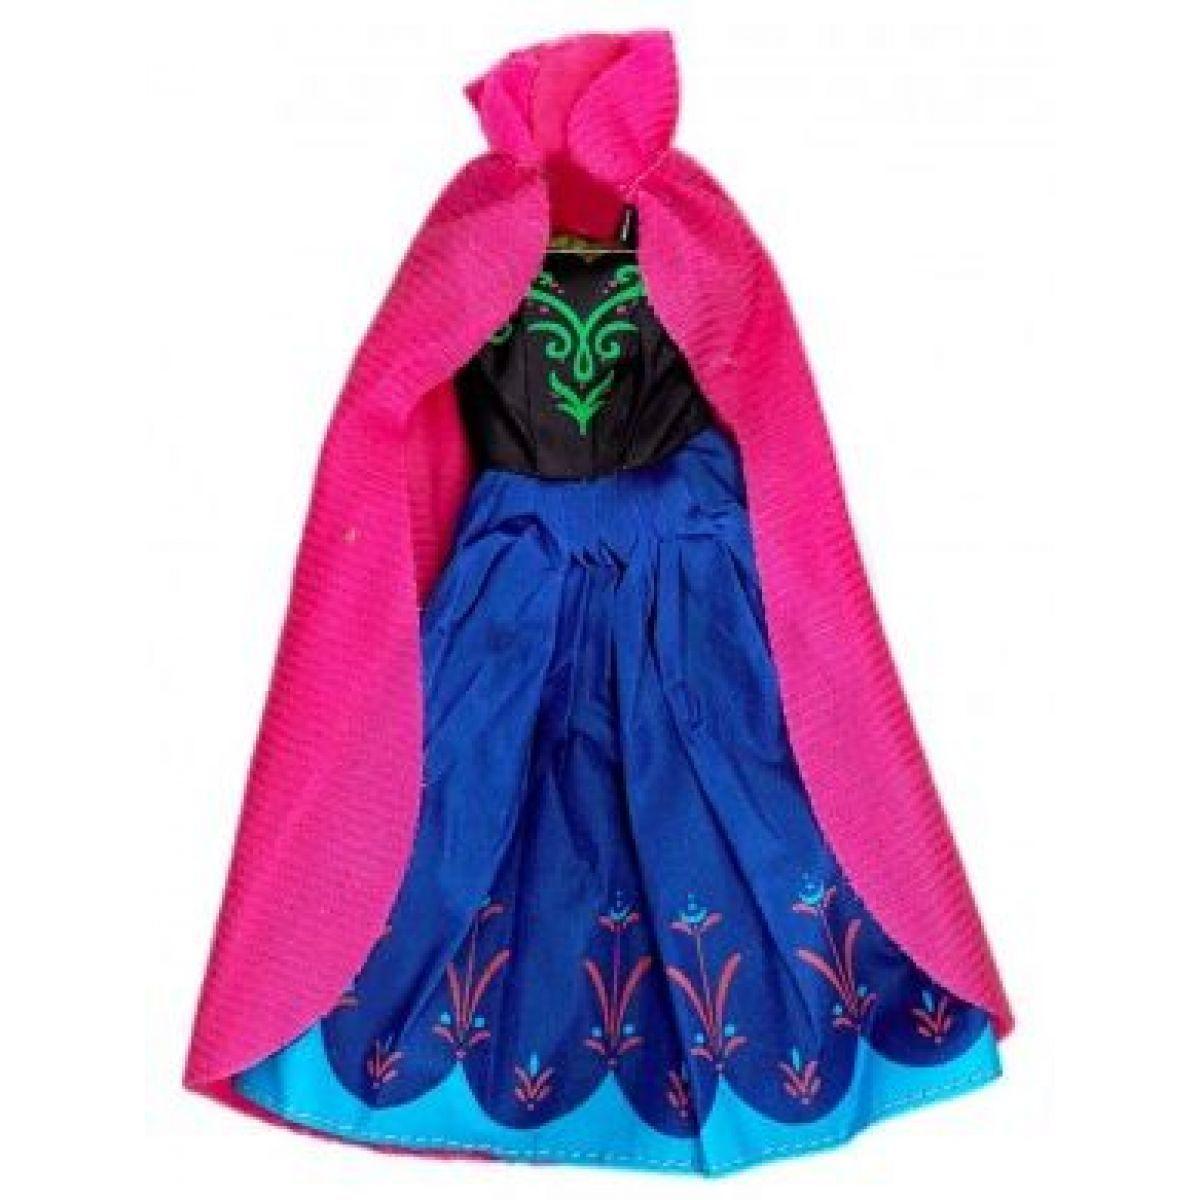 Rappa Oblečení pro panenku zimní království Růžový plášť